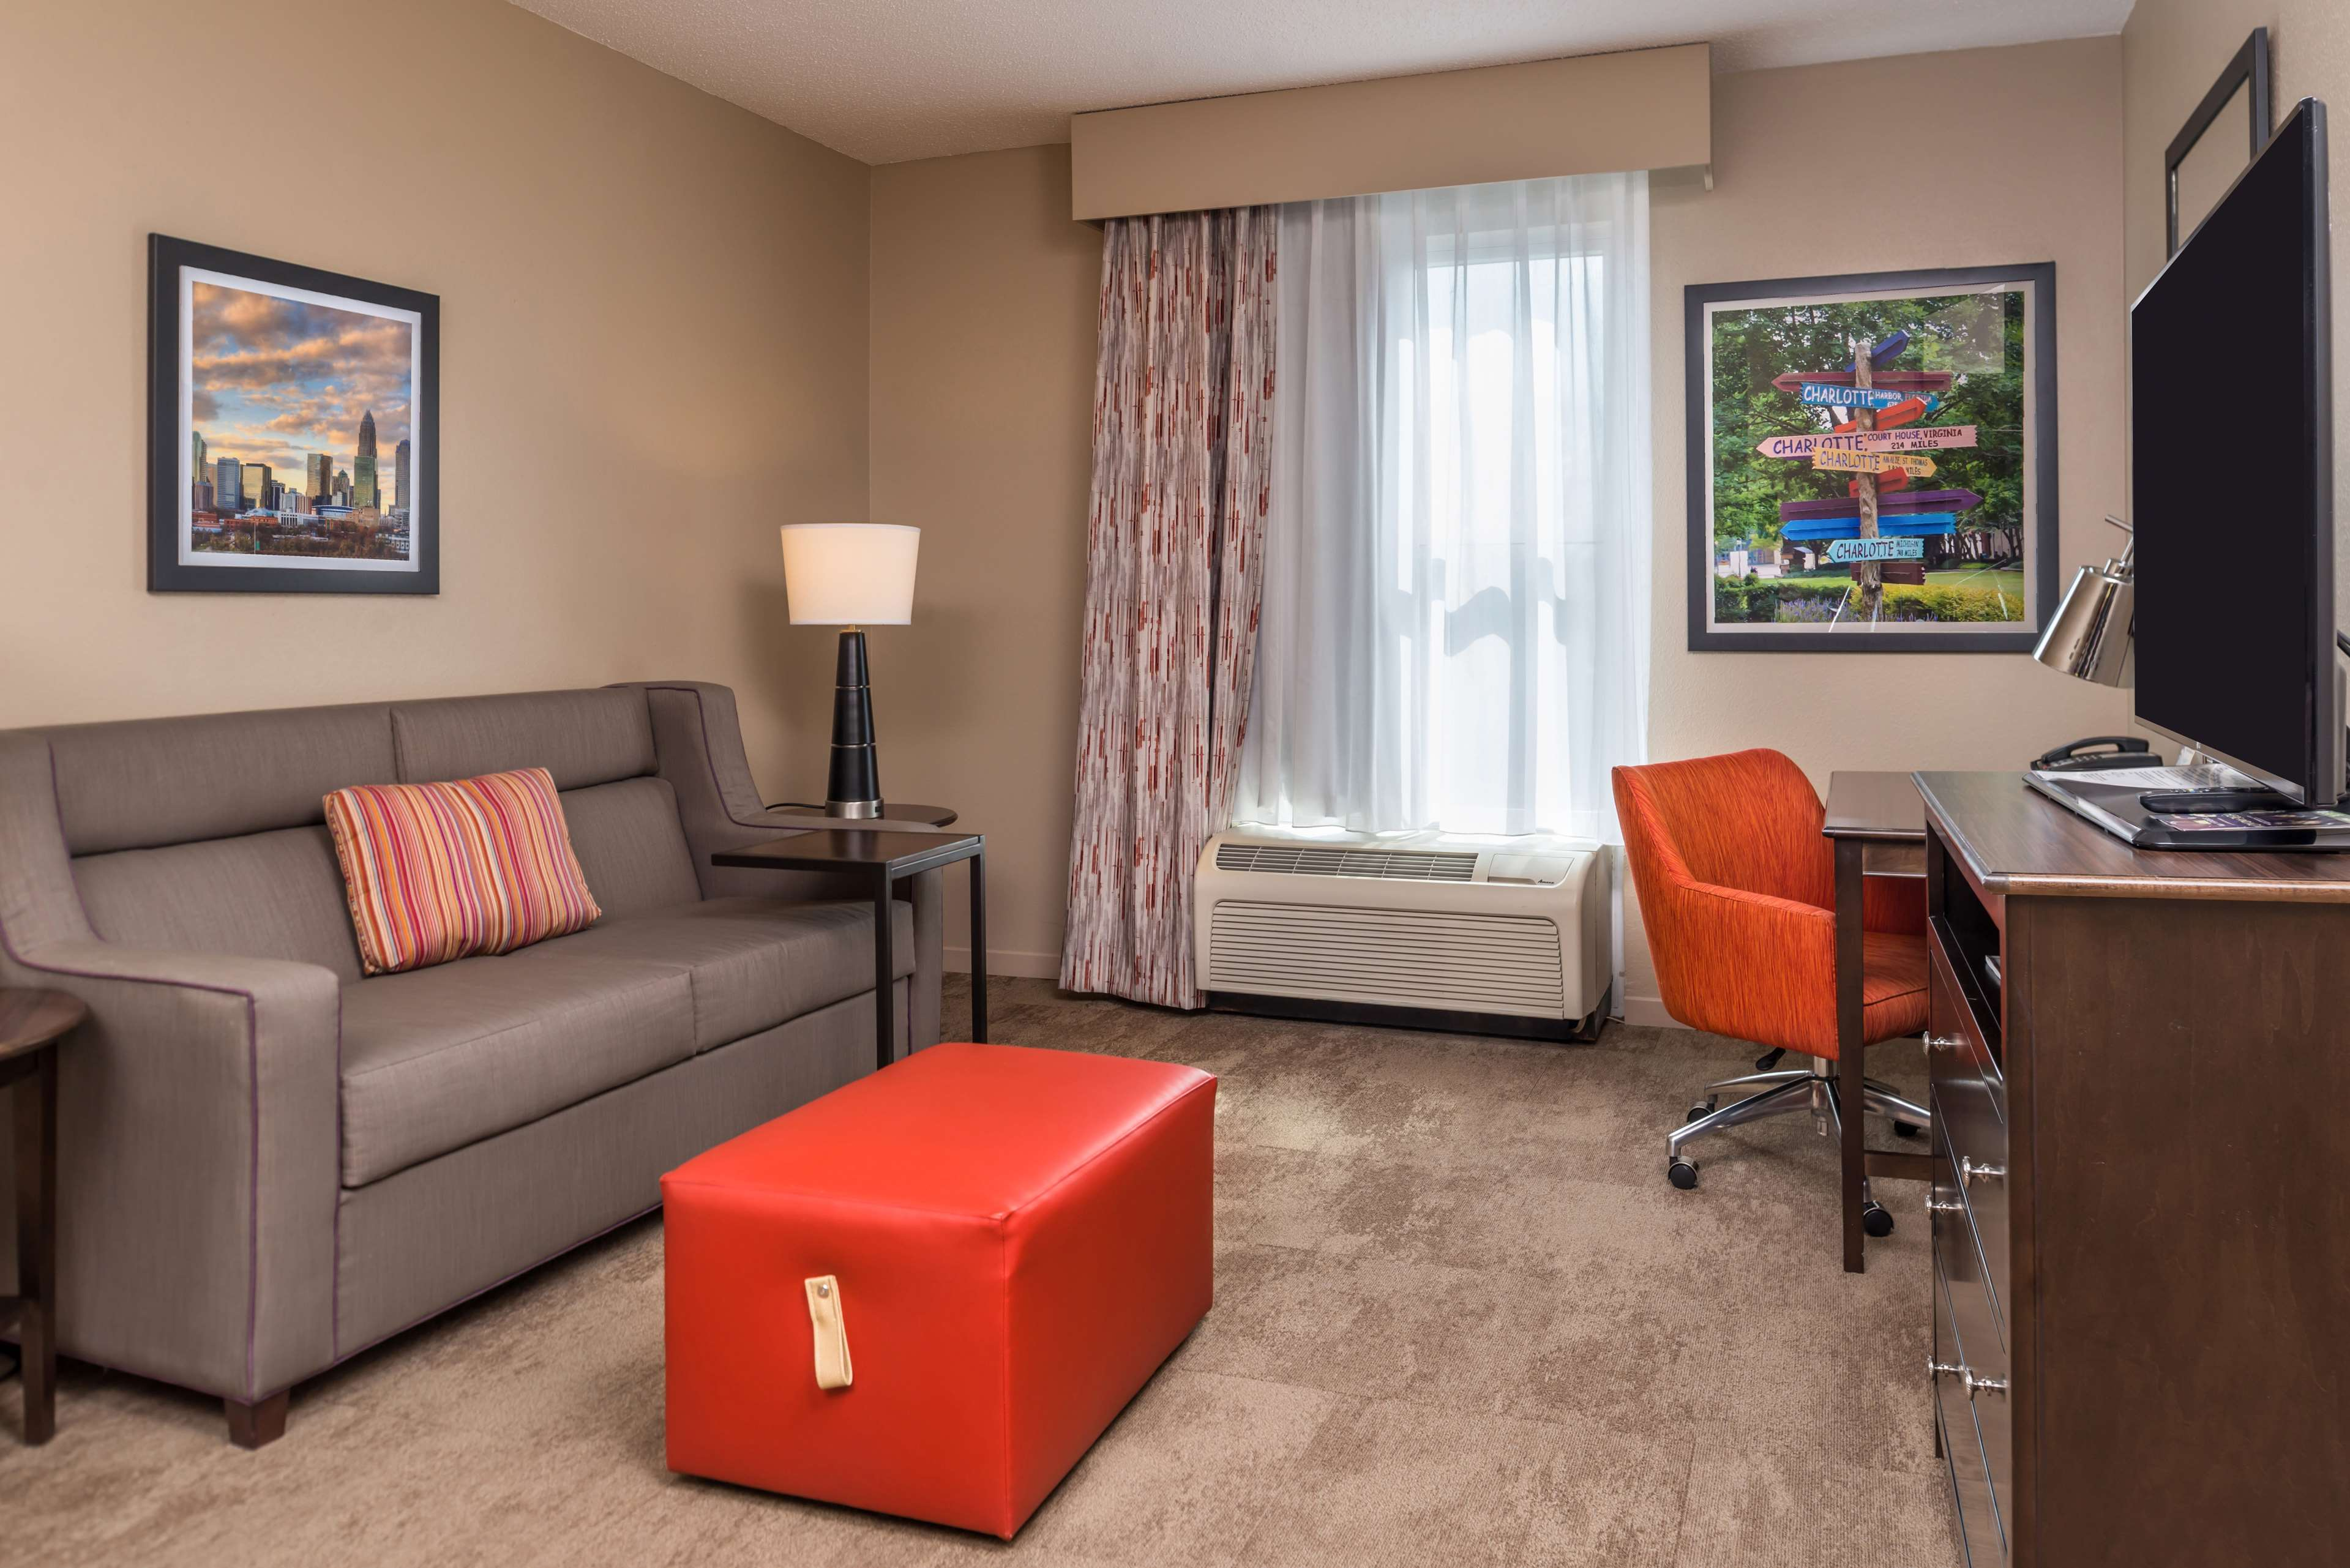 Hampton Inn & Suites Charlotte-Arrowood Rd. image 43